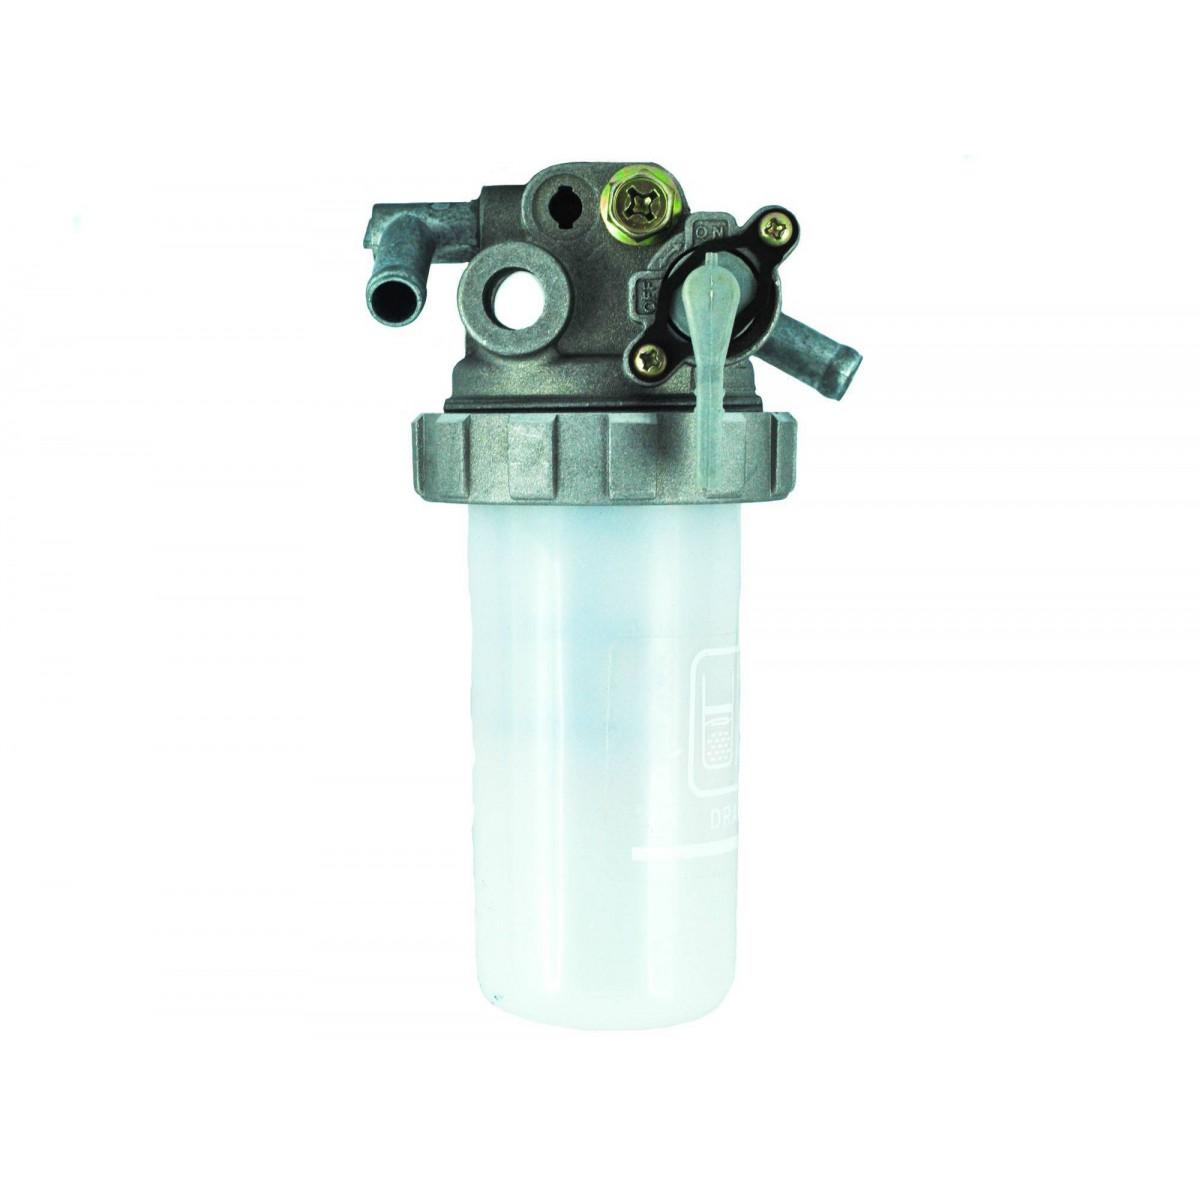 Obudowa filtra paliwa z kranikiem - uniwersalna